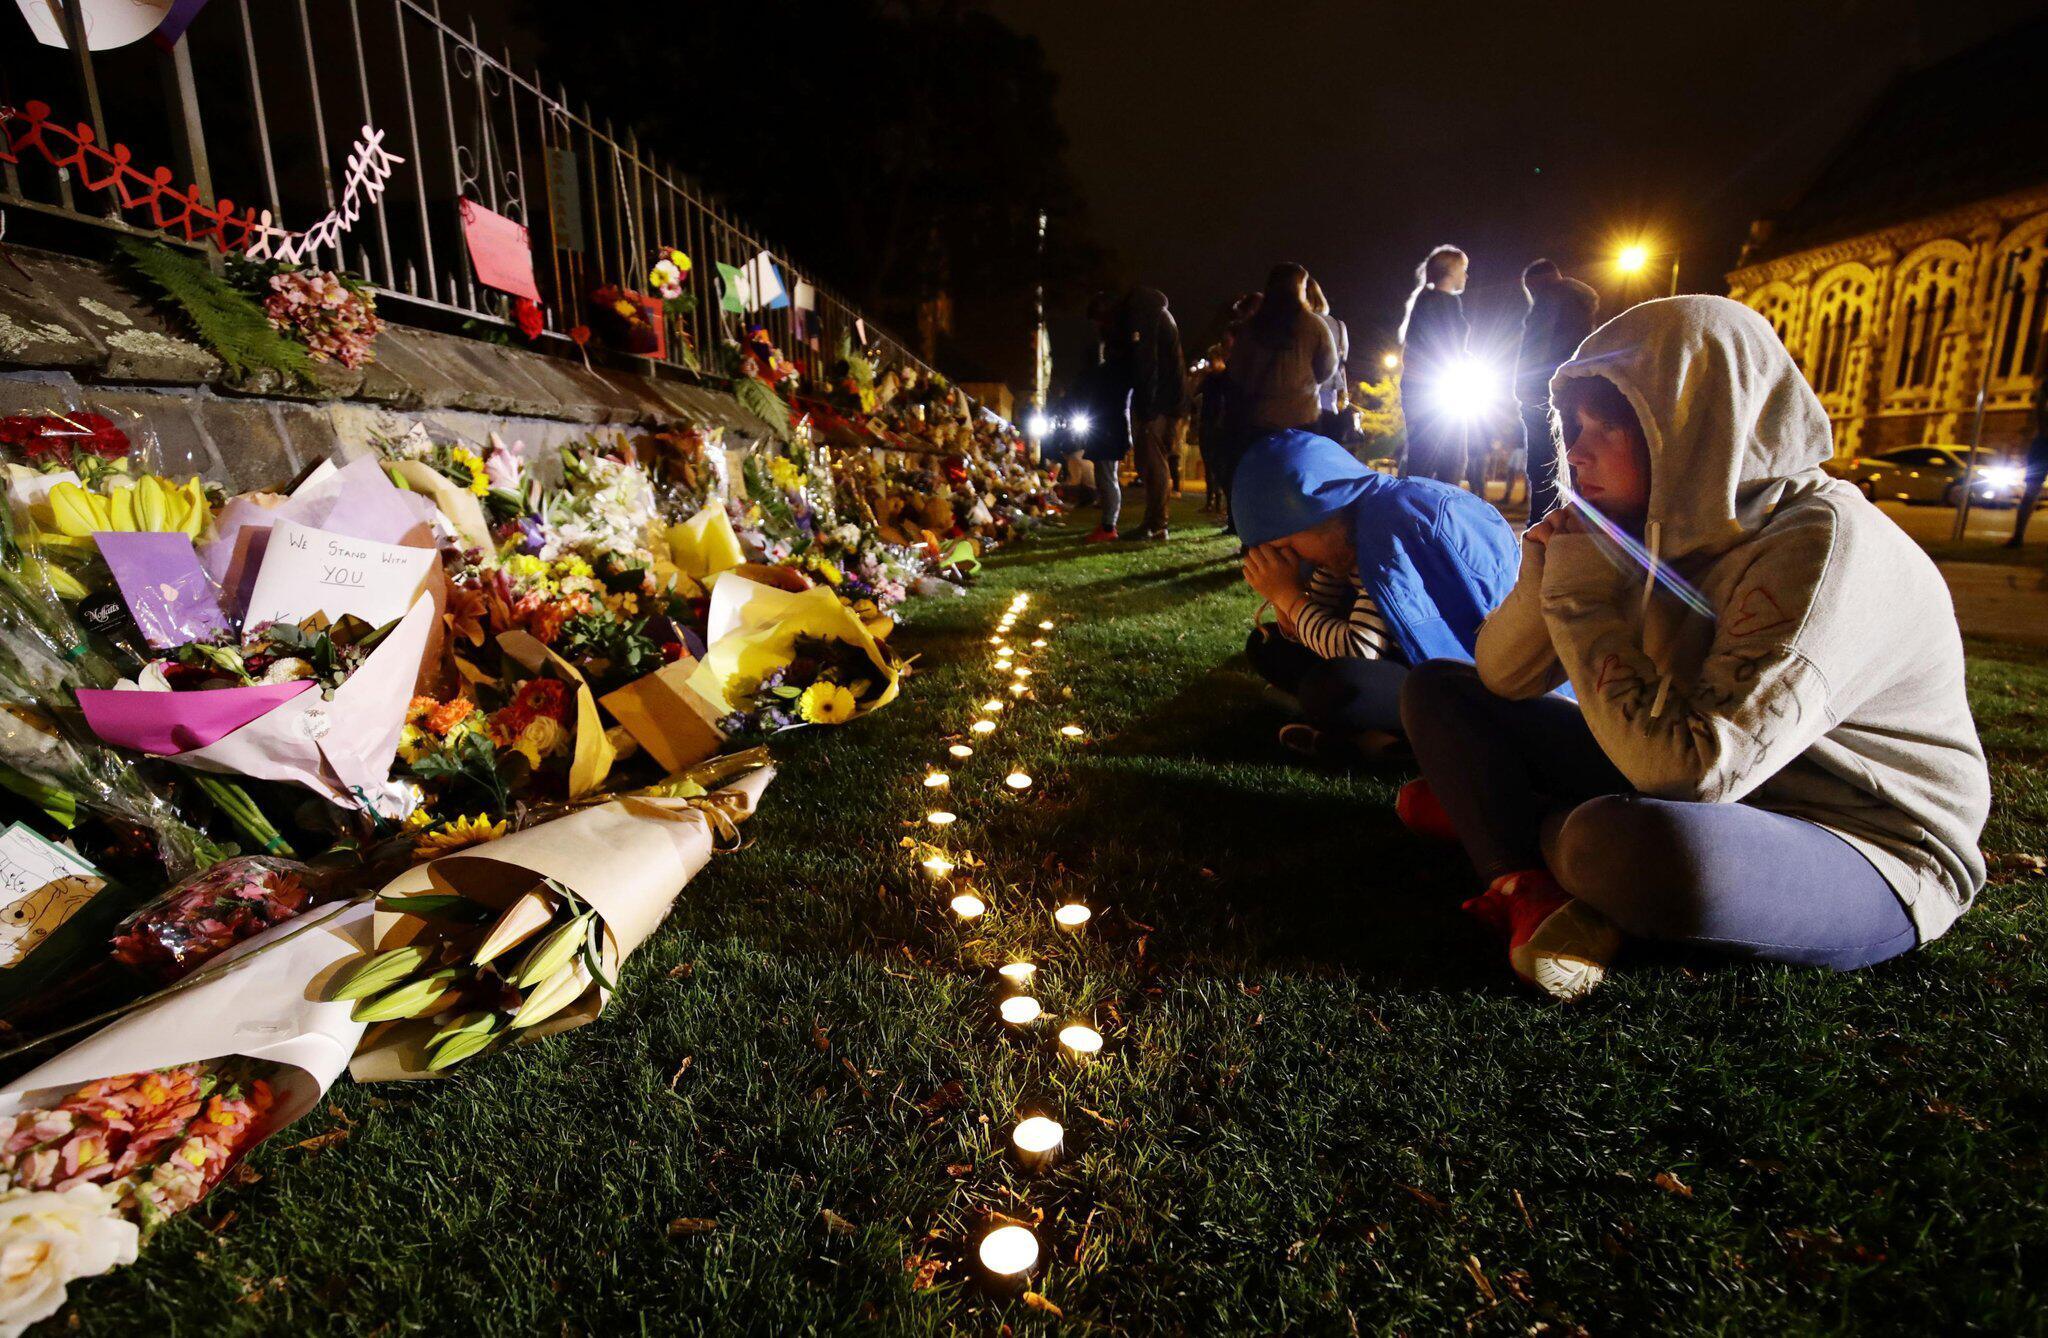 Bild zu Nach Angriff auf Moscheen in Neuseeland - Trauer